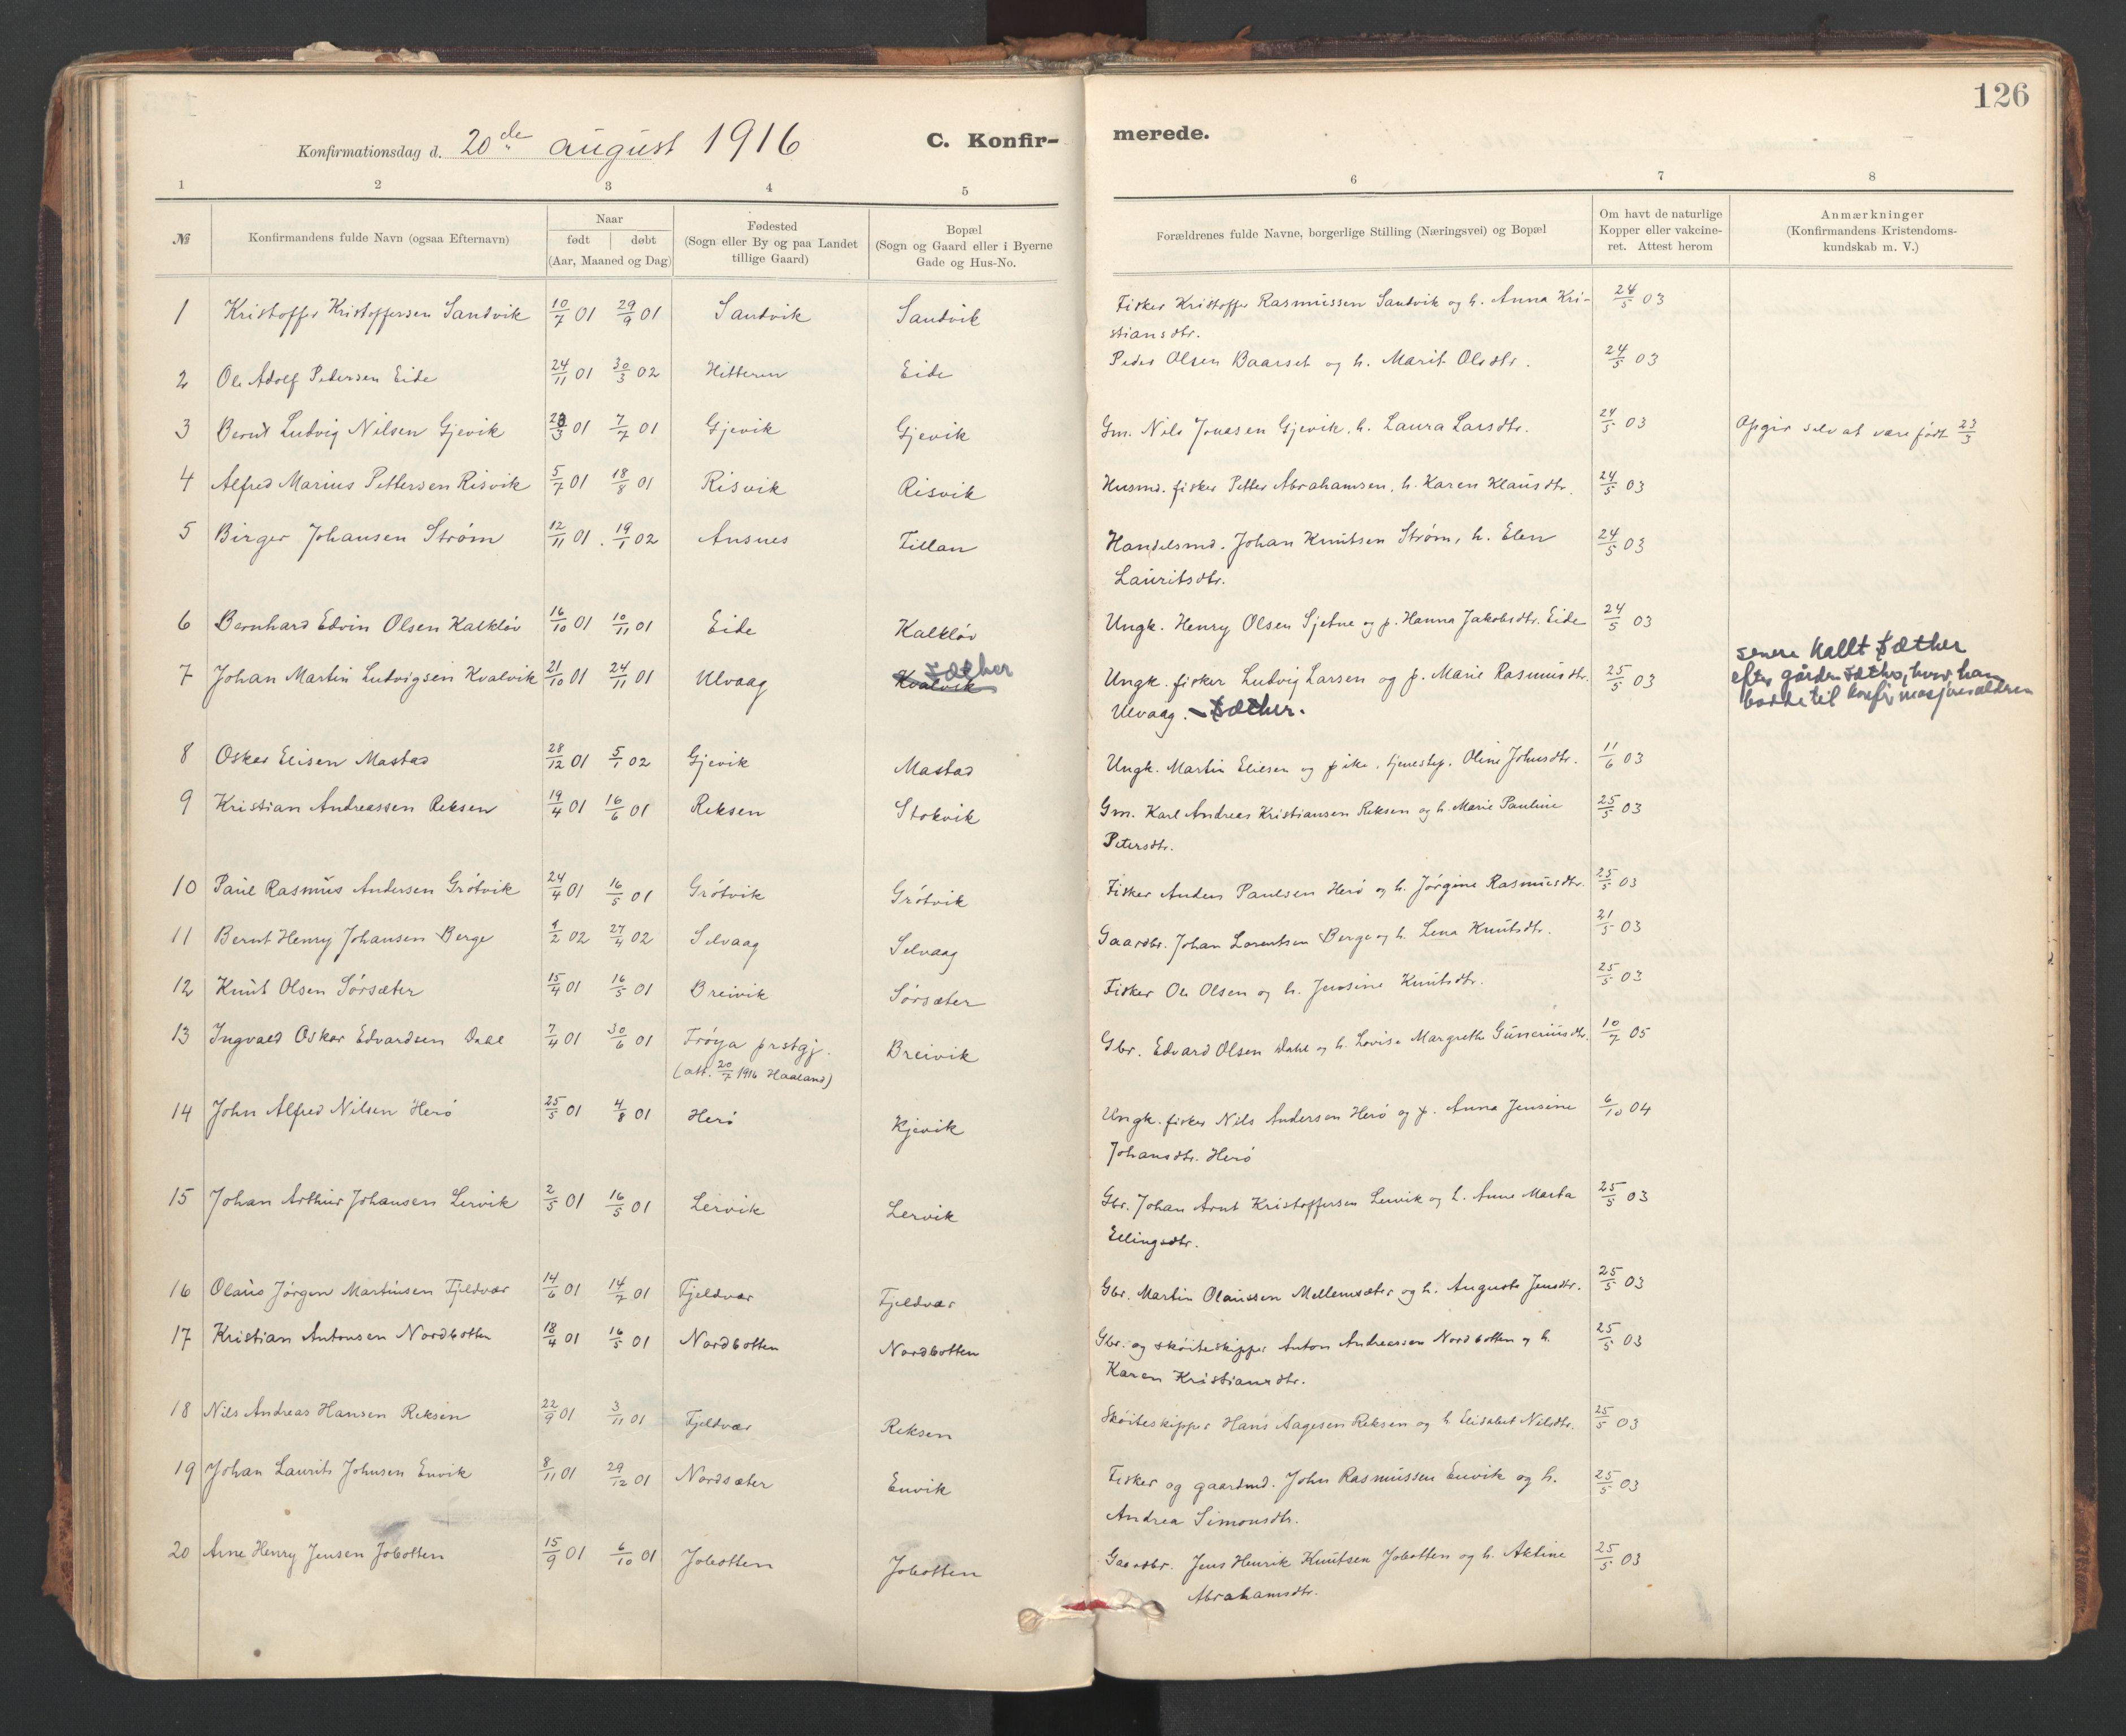 SAT, Ministerialprotokoller, klokkerbøker og fødselsregistre - Sør-Trøndelag, 637/L0559: Ministerialbok nr. 637A02, 1899-1923, s. 126